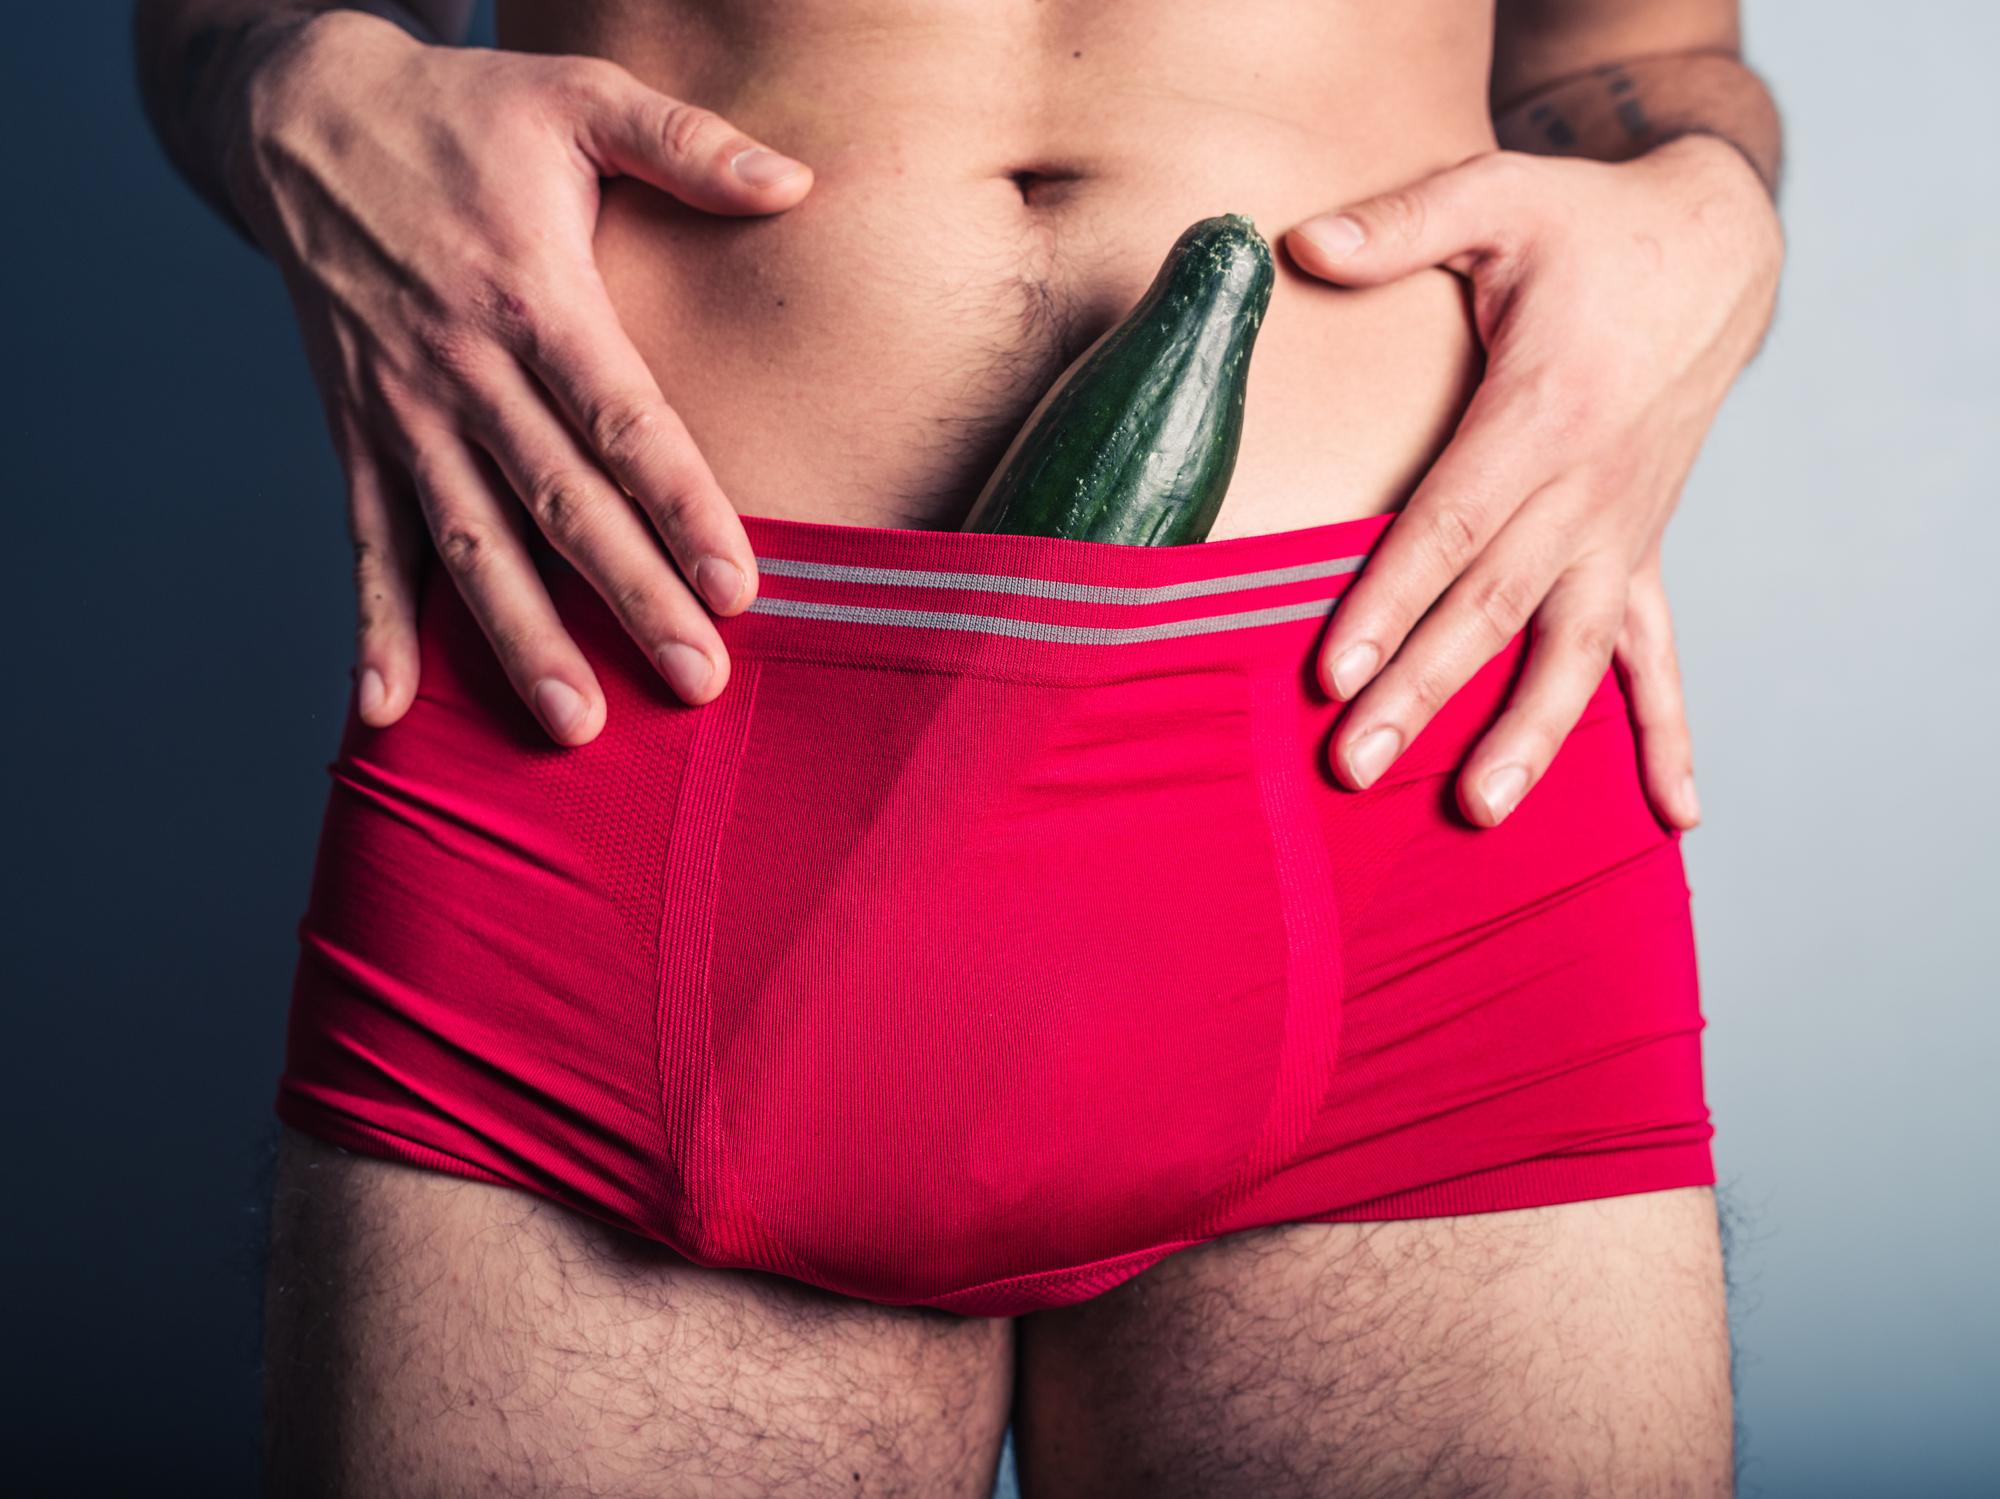 hogyan lehet élni egy nagy pénisz